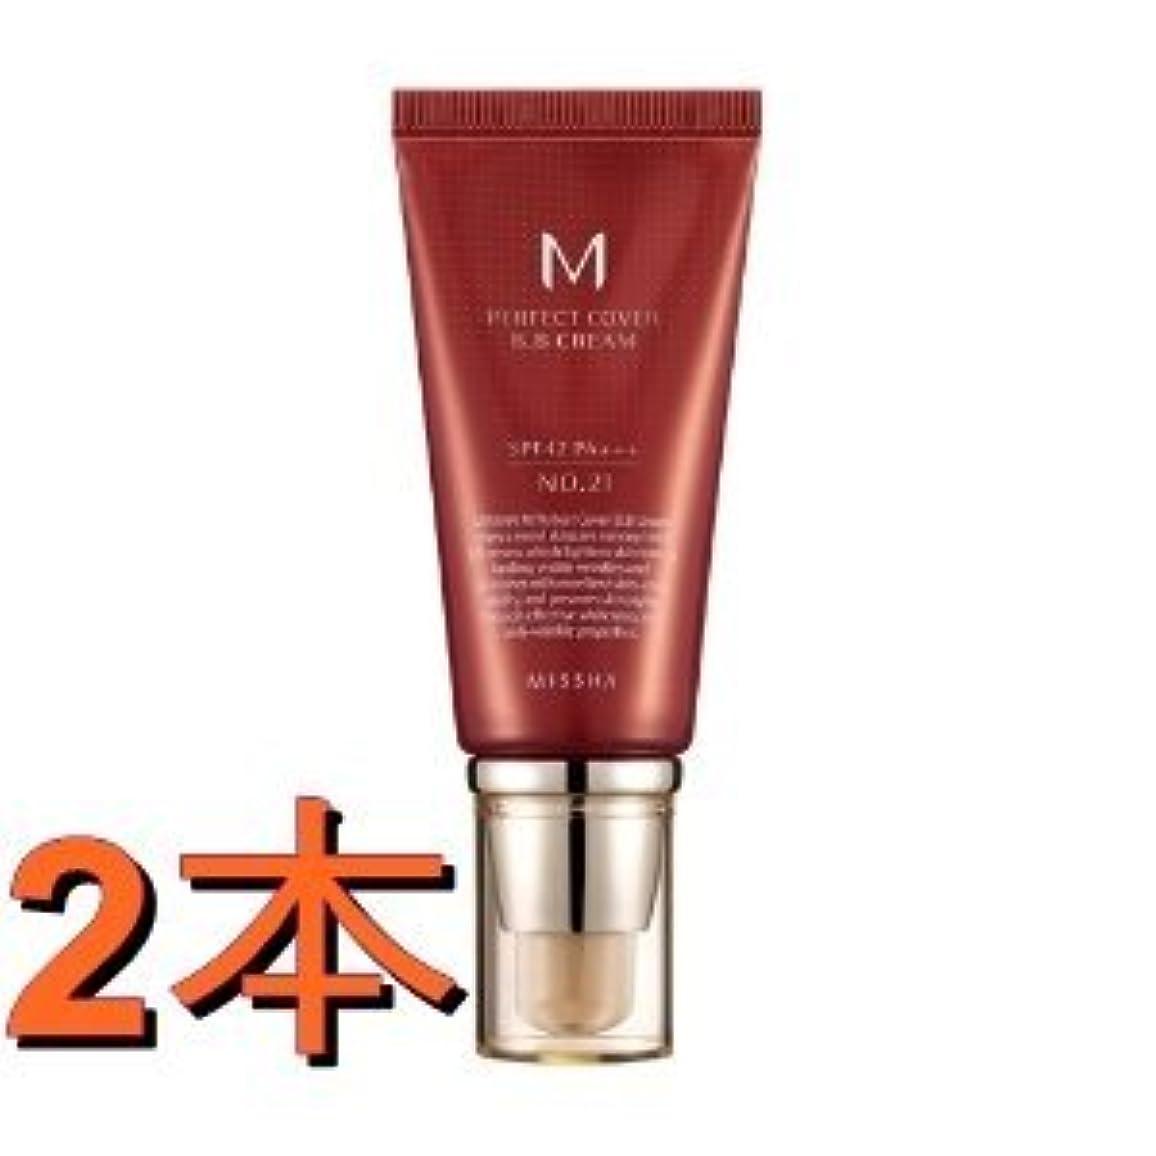 感情前述のぶどうミシャ(MISSHA) M パーフェクトカバー BB クリーム 2本セット NO.23 (ナチュラルでおちつきのある肌色) SPF42 PA++ 50ml[並行輸入品]